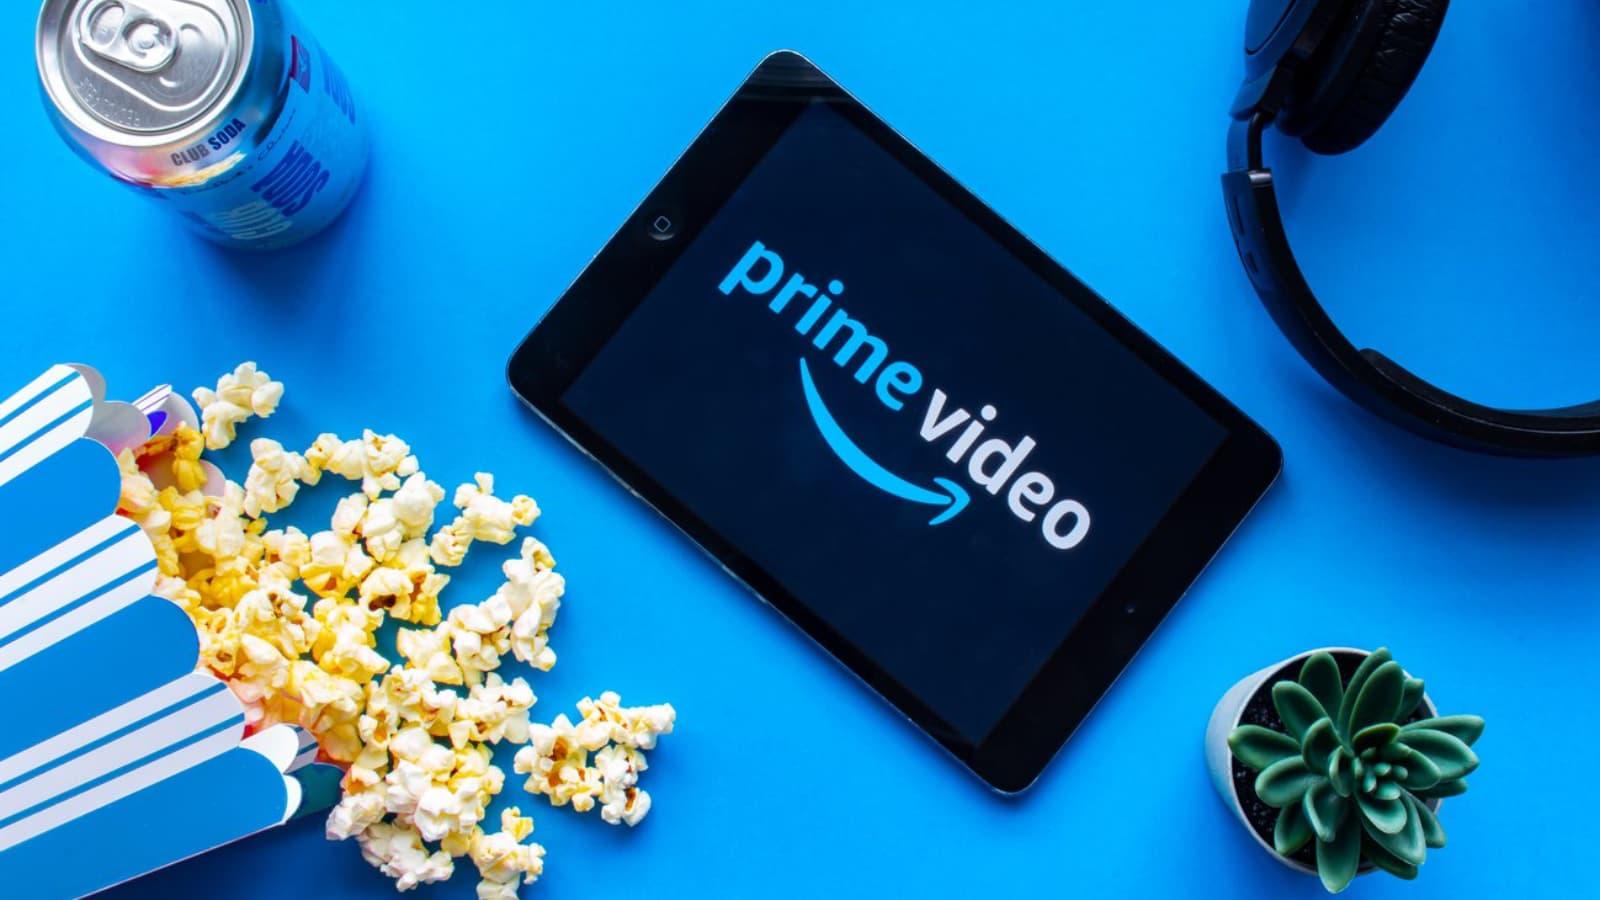 Cinéma, séries, foot... Vivez toutes vos passions sur Amazon Prime Video !